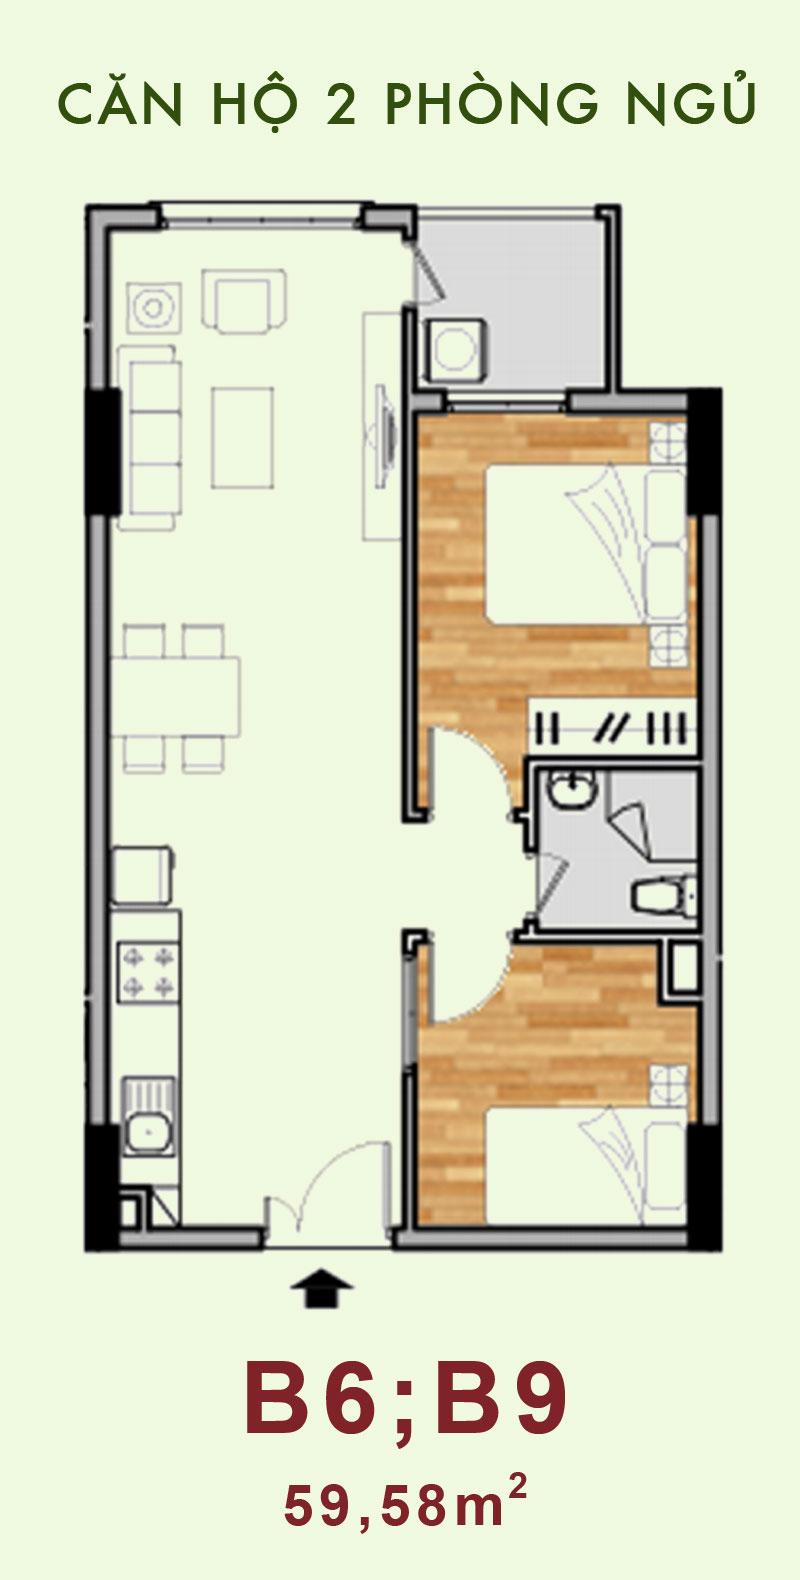 Bản vẽ căn hộ B6, B9